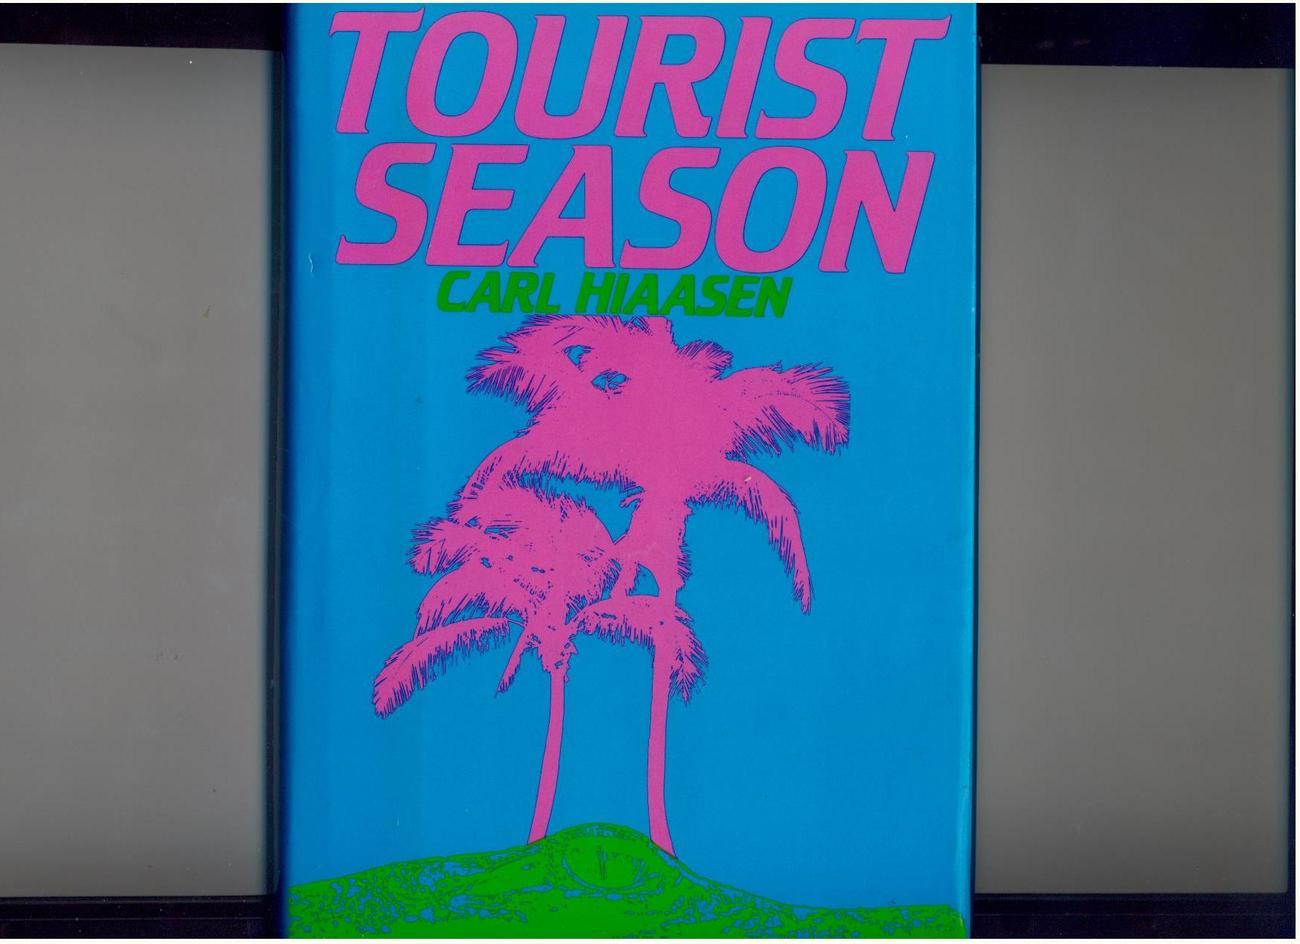 Hiaasen - TOURIST SEASON - 1986 - 1st/1st - Fine in dj